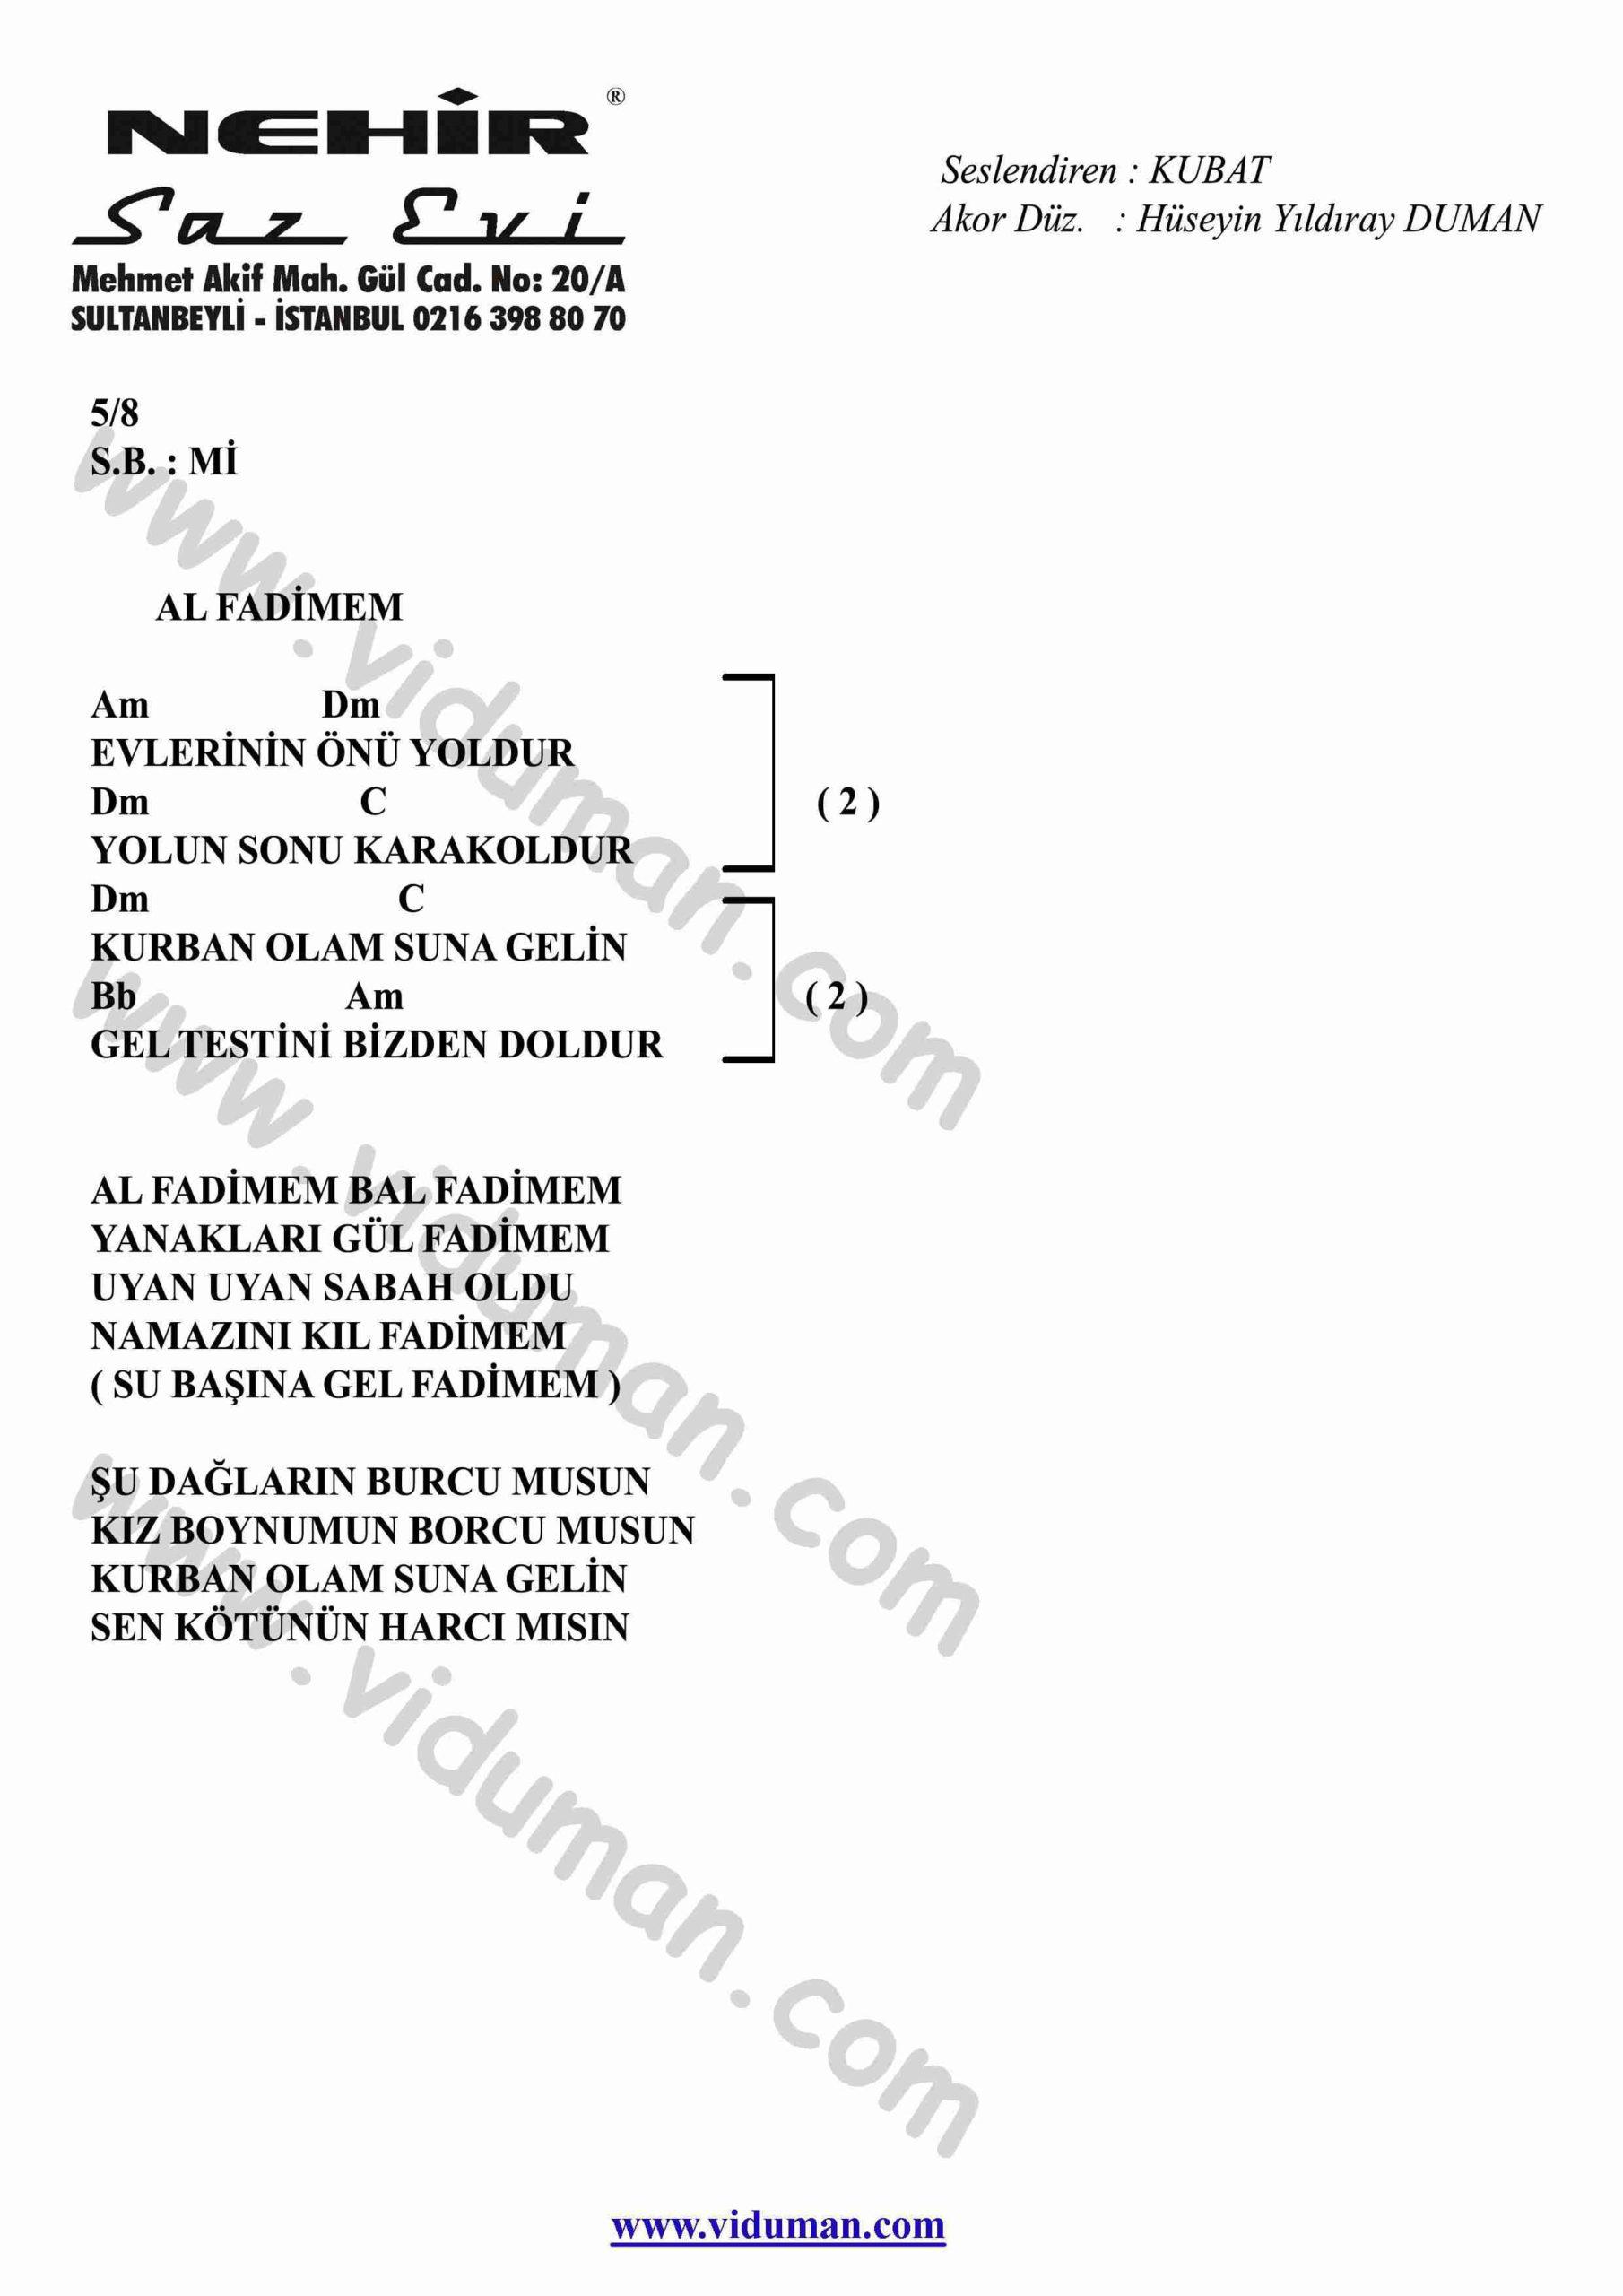 Al Fadimem-Gitar-Ritim-Akorlari